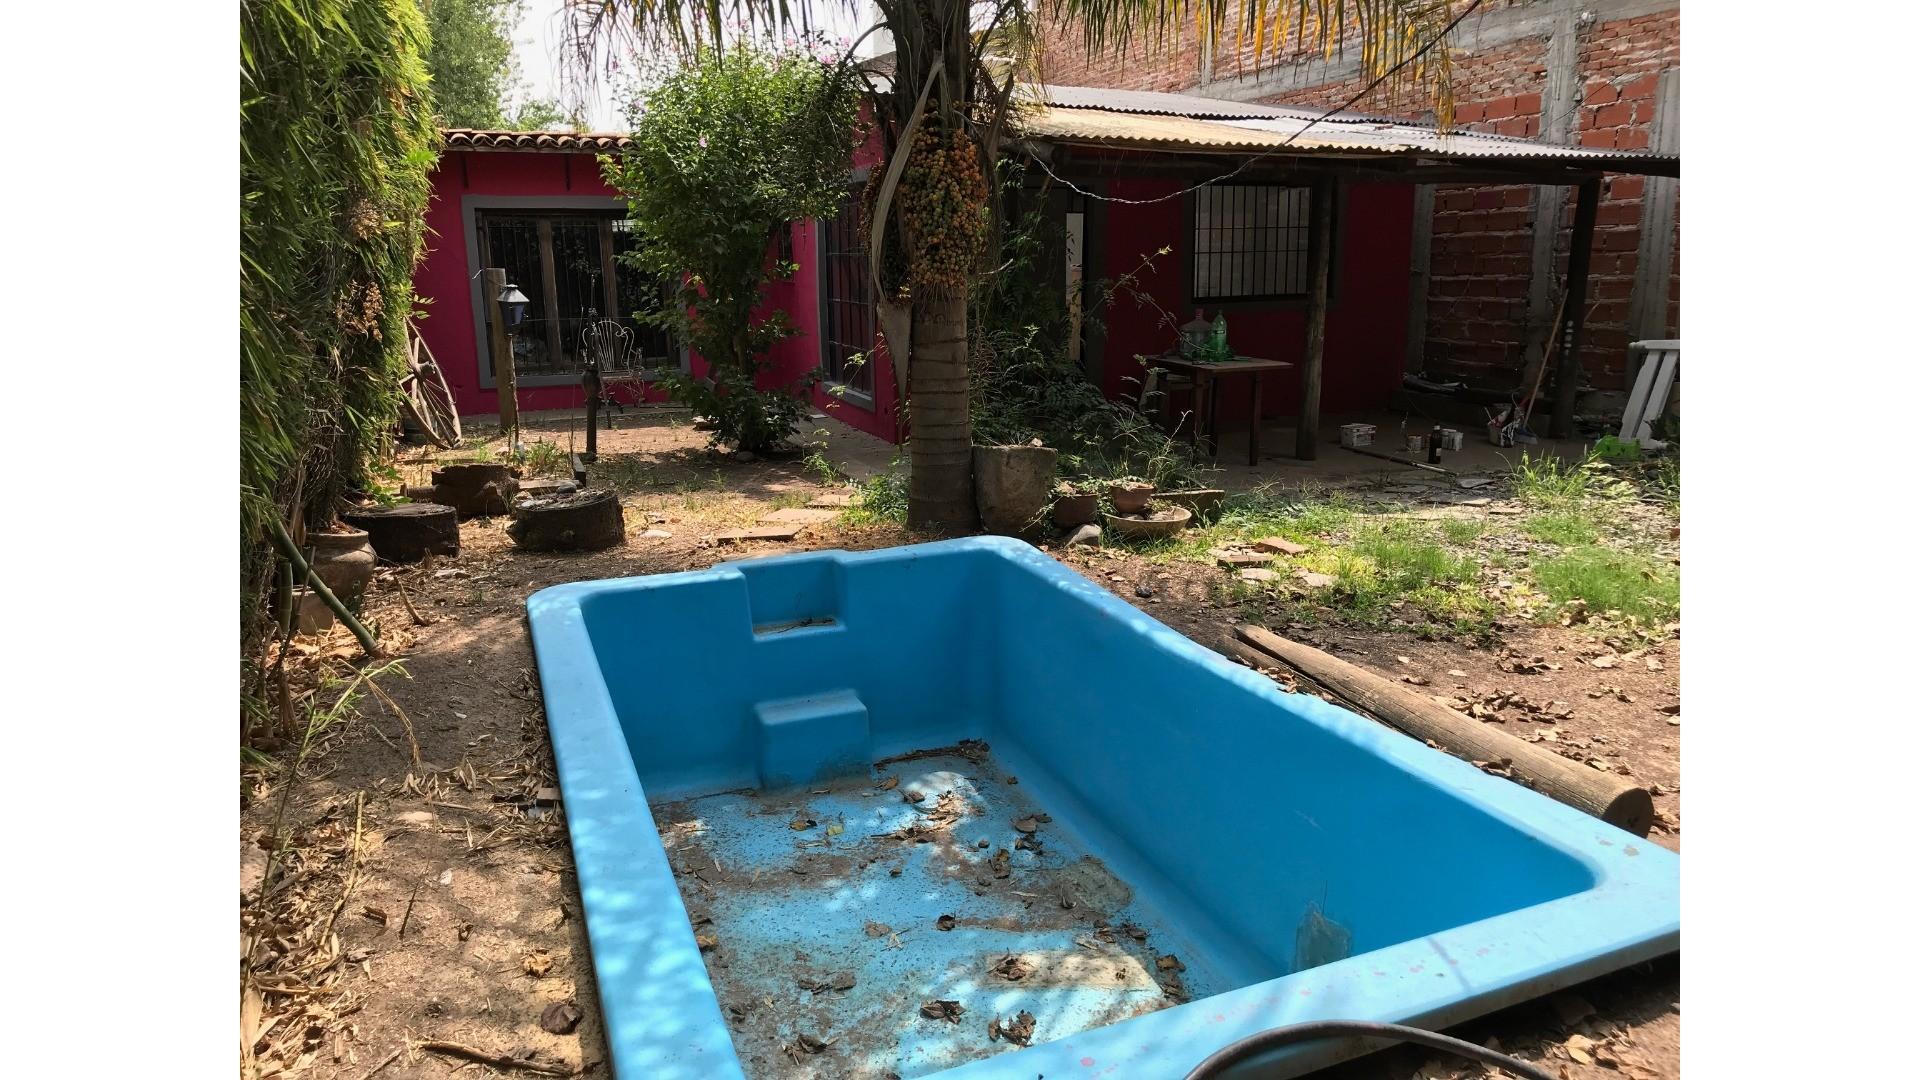 Casa en venta en Del Viso, Barrio El Rocío. Calle San Jorge.  Rápido acceso a Panamericana